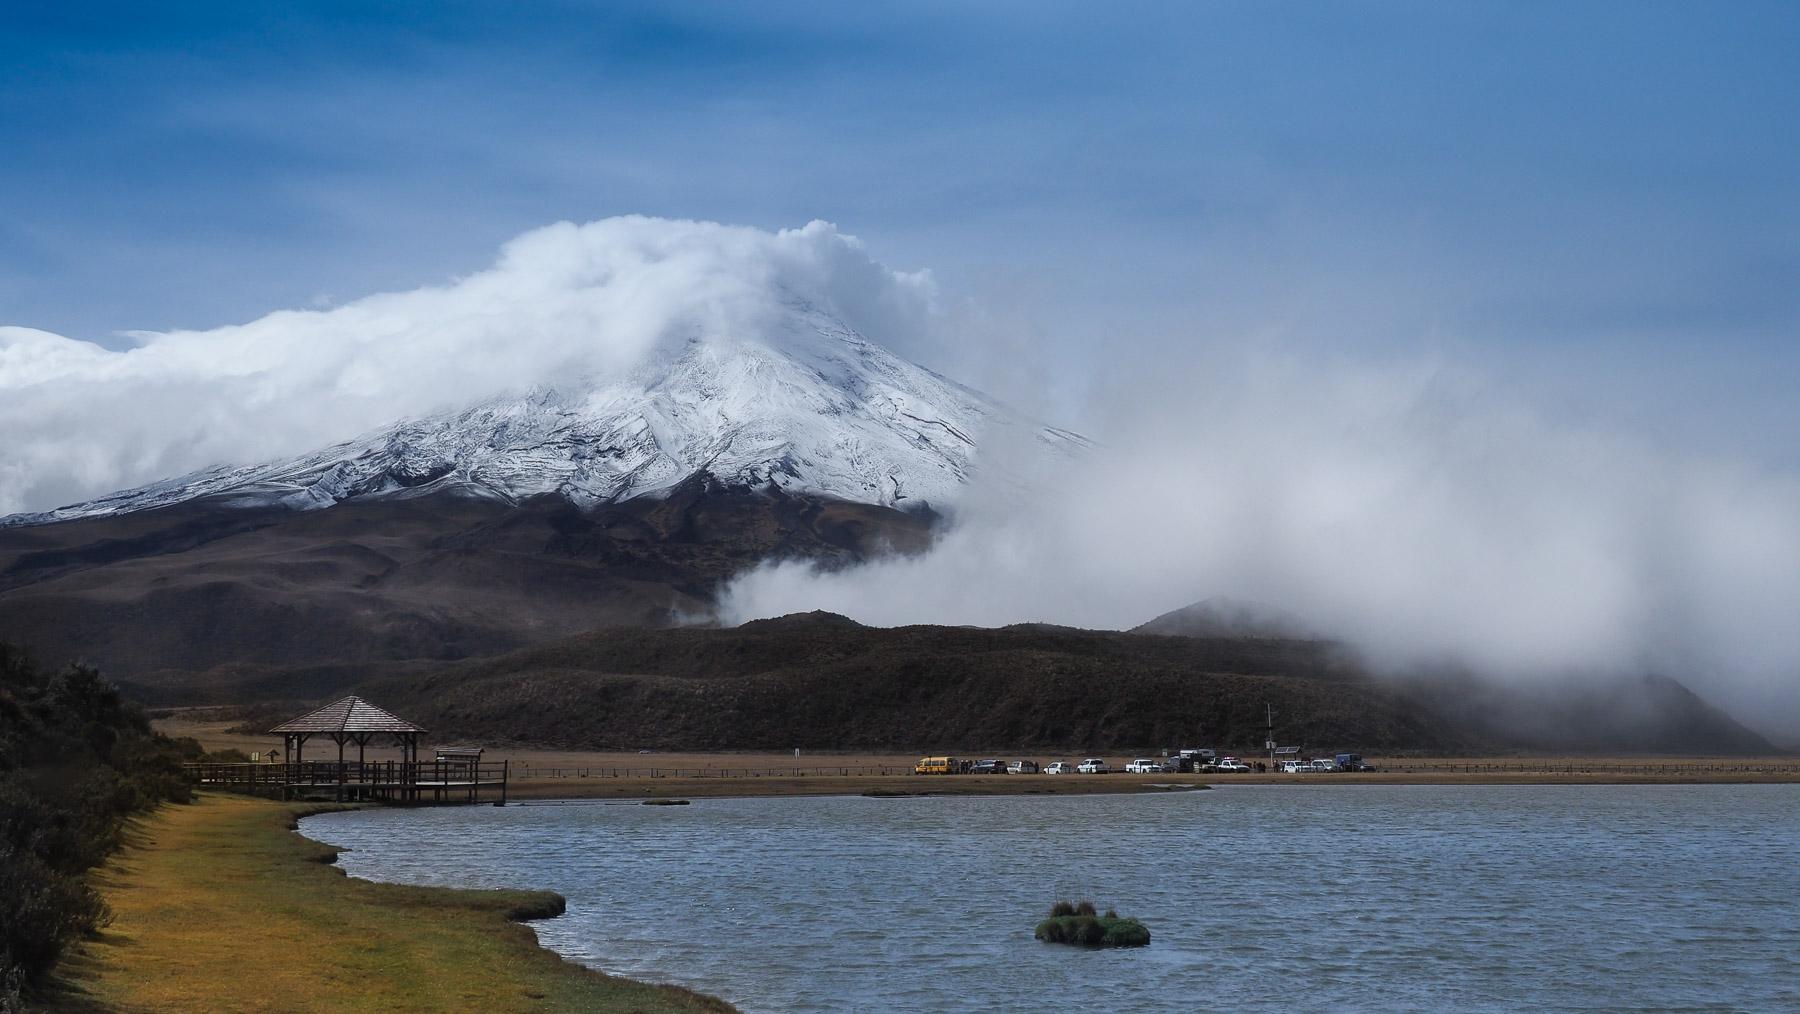 Der Cotopaxi hüllt sich wieder in Wolken und Nebel